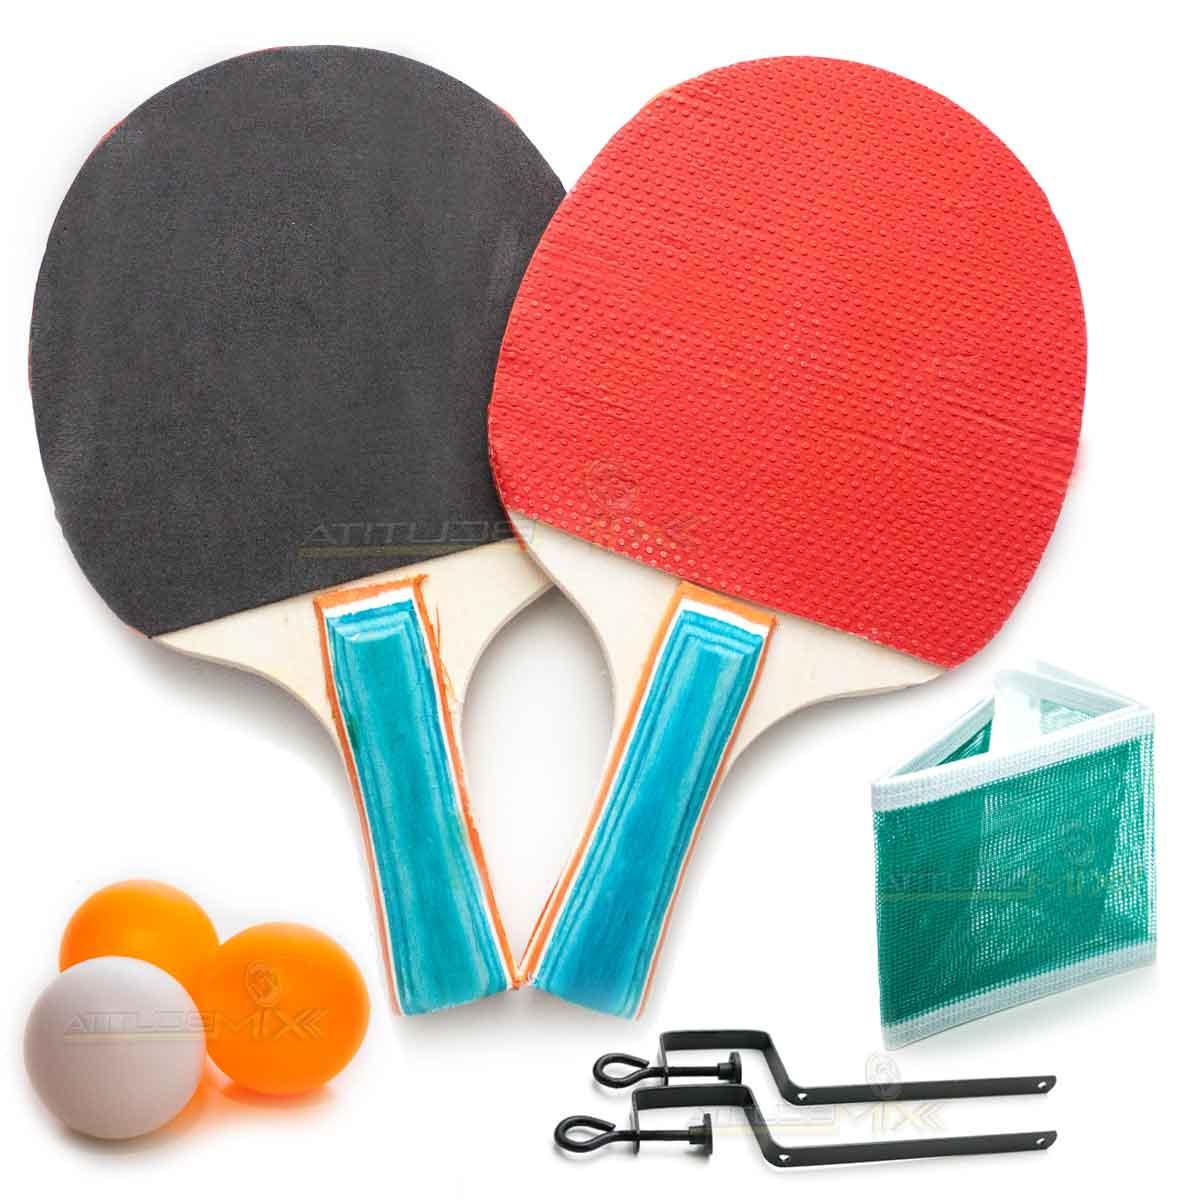 574e4e77b Kit Ping Pong Tênis de Mesa Raquetes Suporte Rede Bolinhas - AtitudeMix